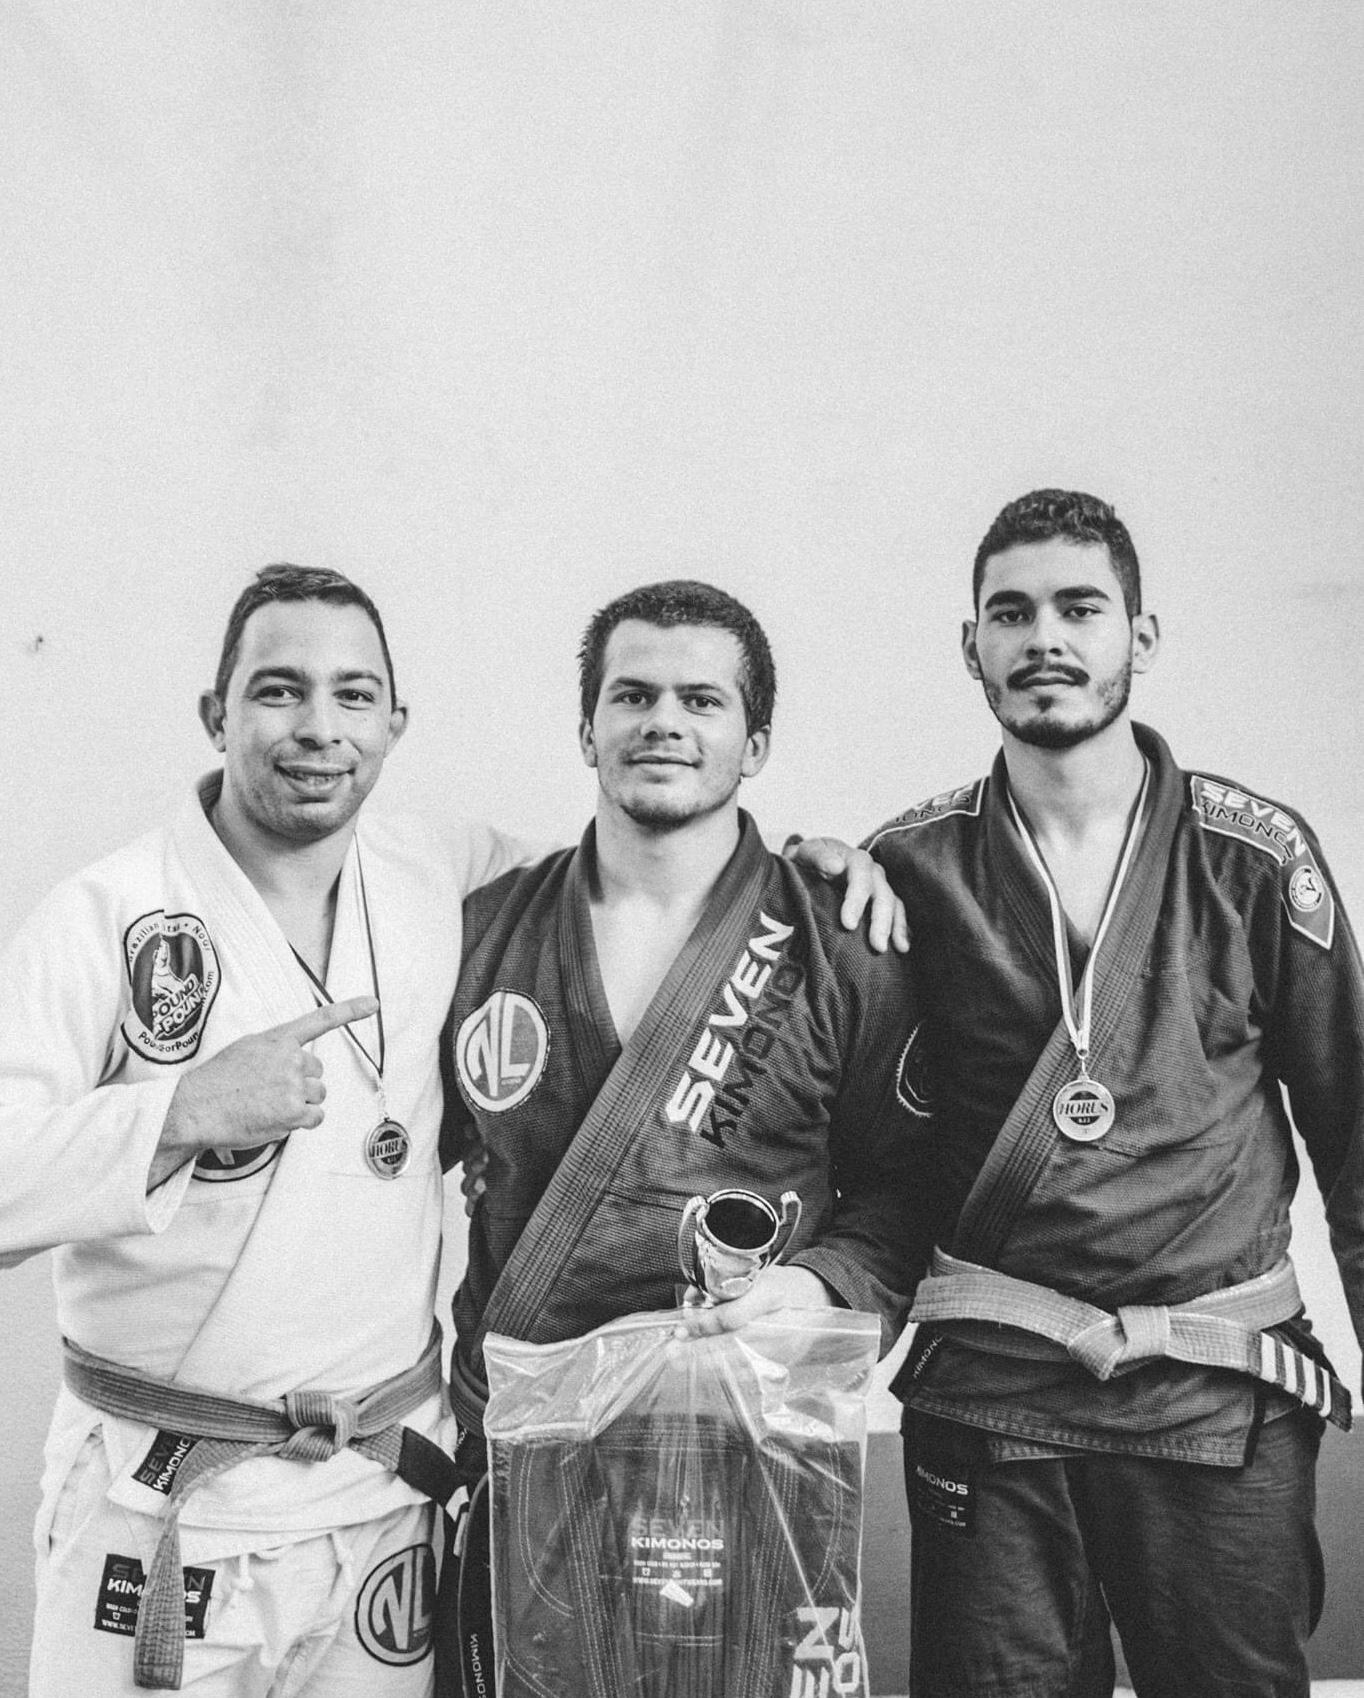 Três atletas felizes abraçados com duas medalhas ao pescoço e um troféu na mão.